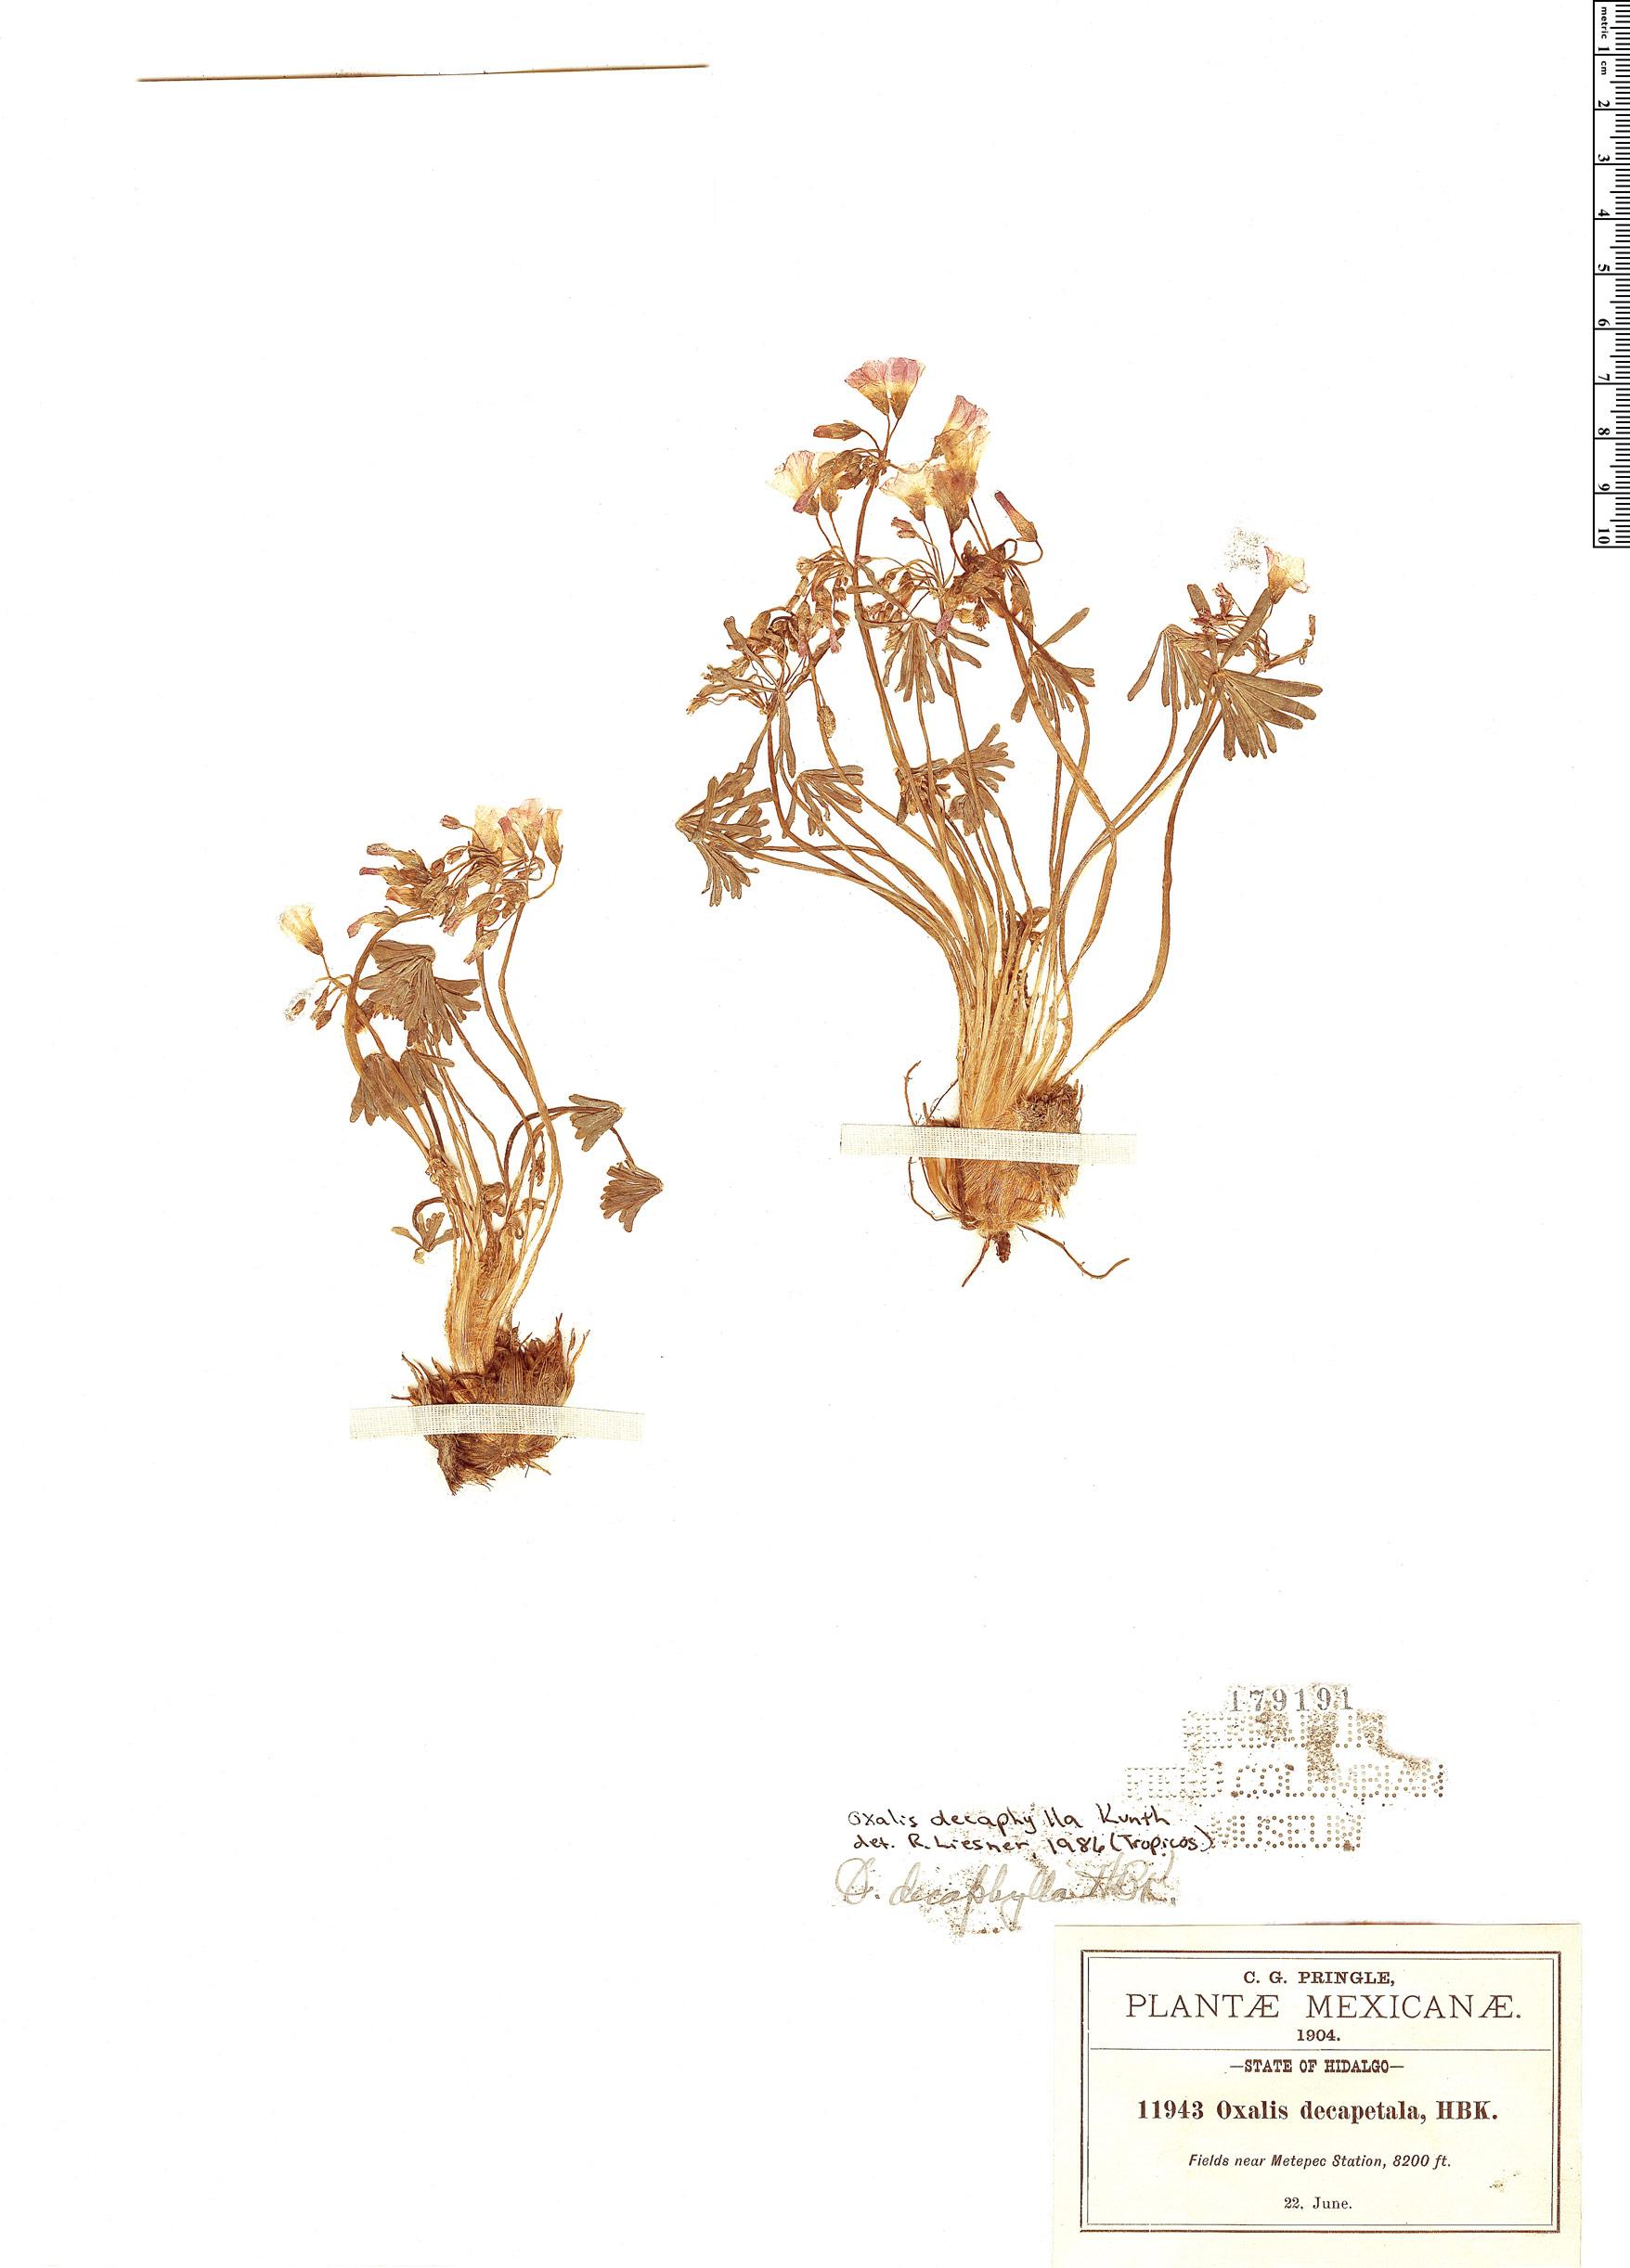 Specimen: Oxalis decaphylla